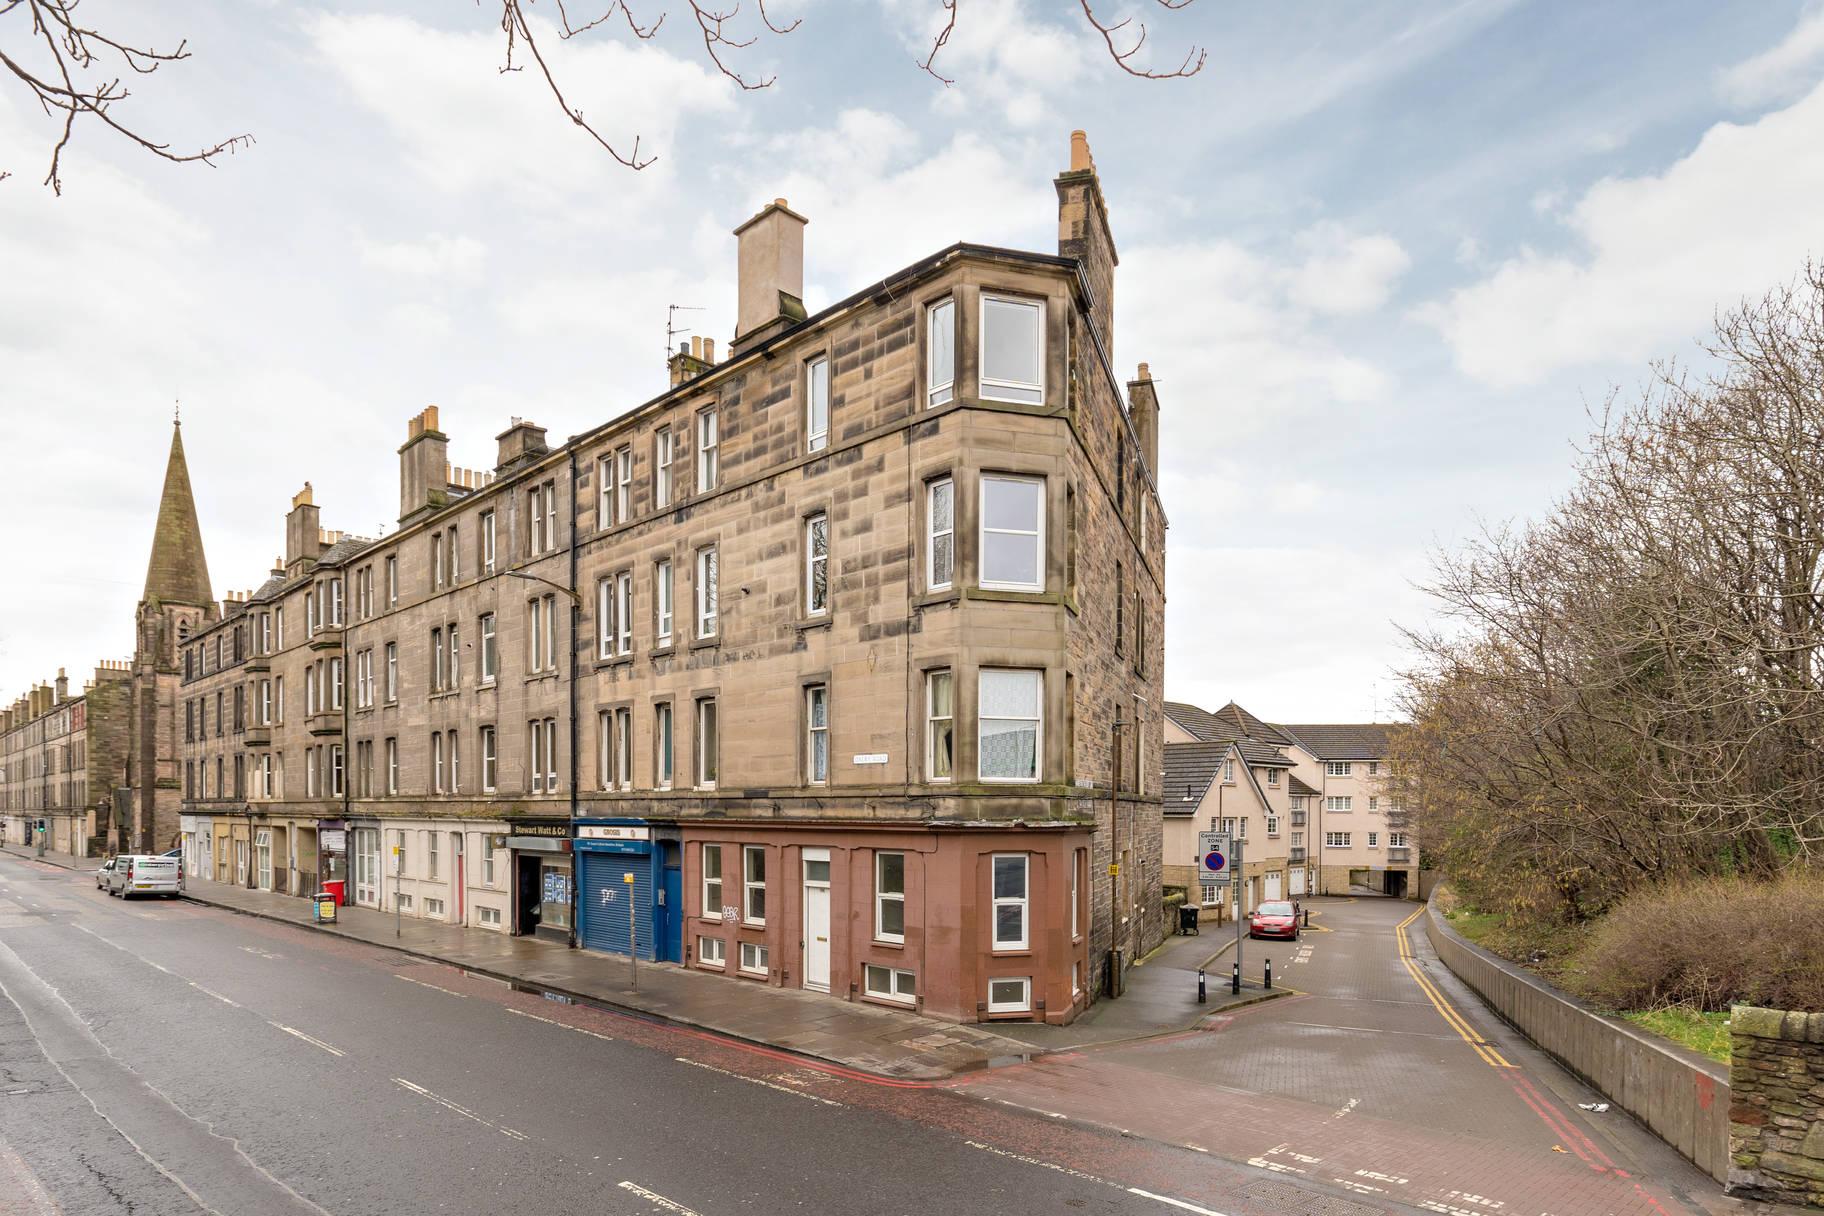 198 (3F1) Dalry Road, Edinburgh, EH11 2ES